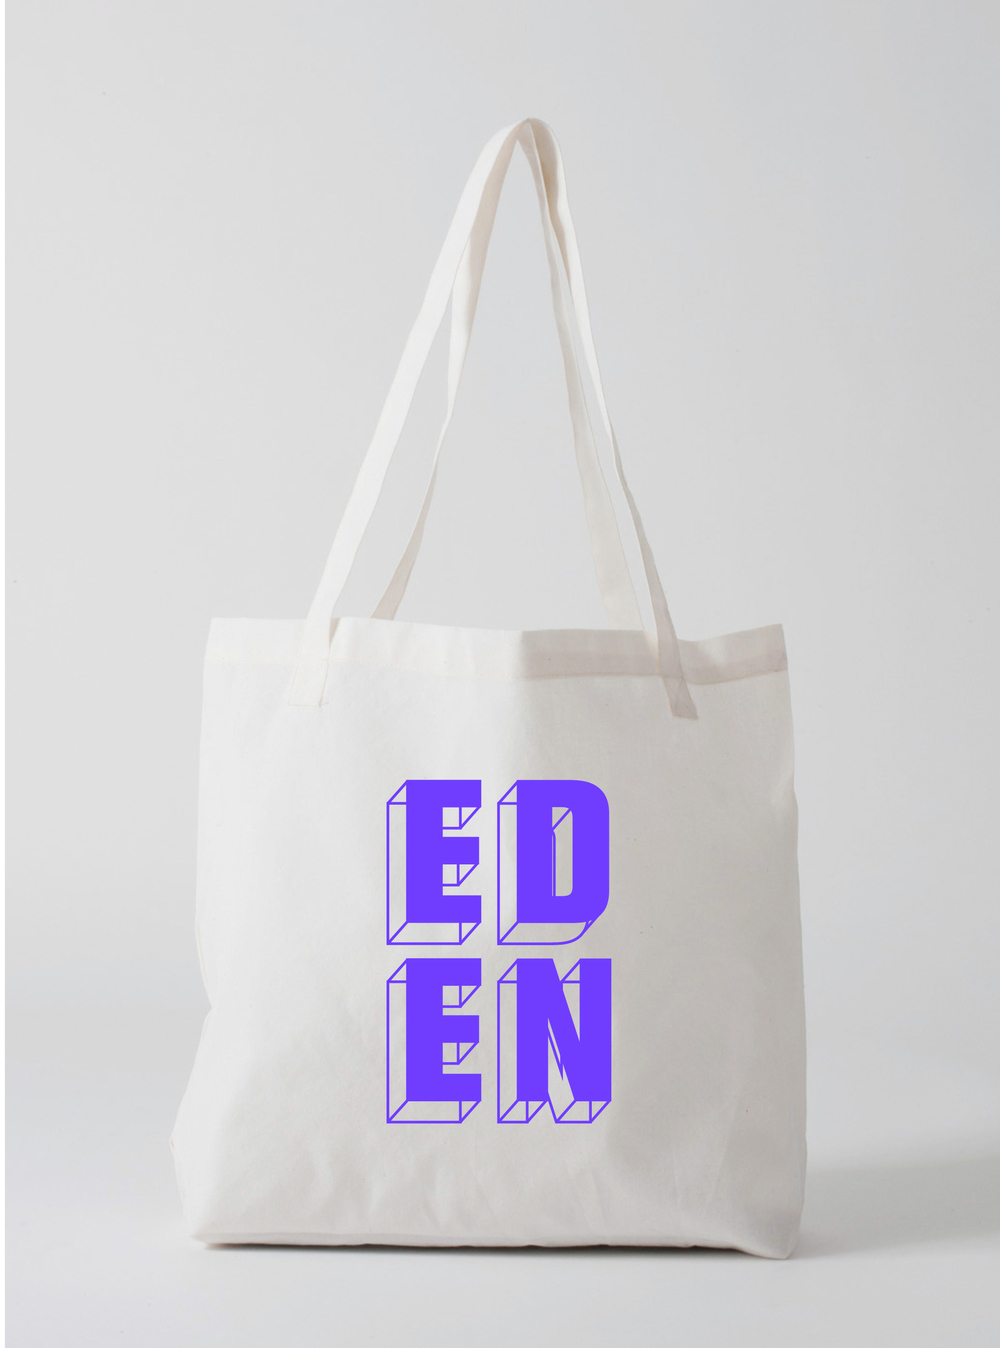 EDEN_TL_131411-04.jpg